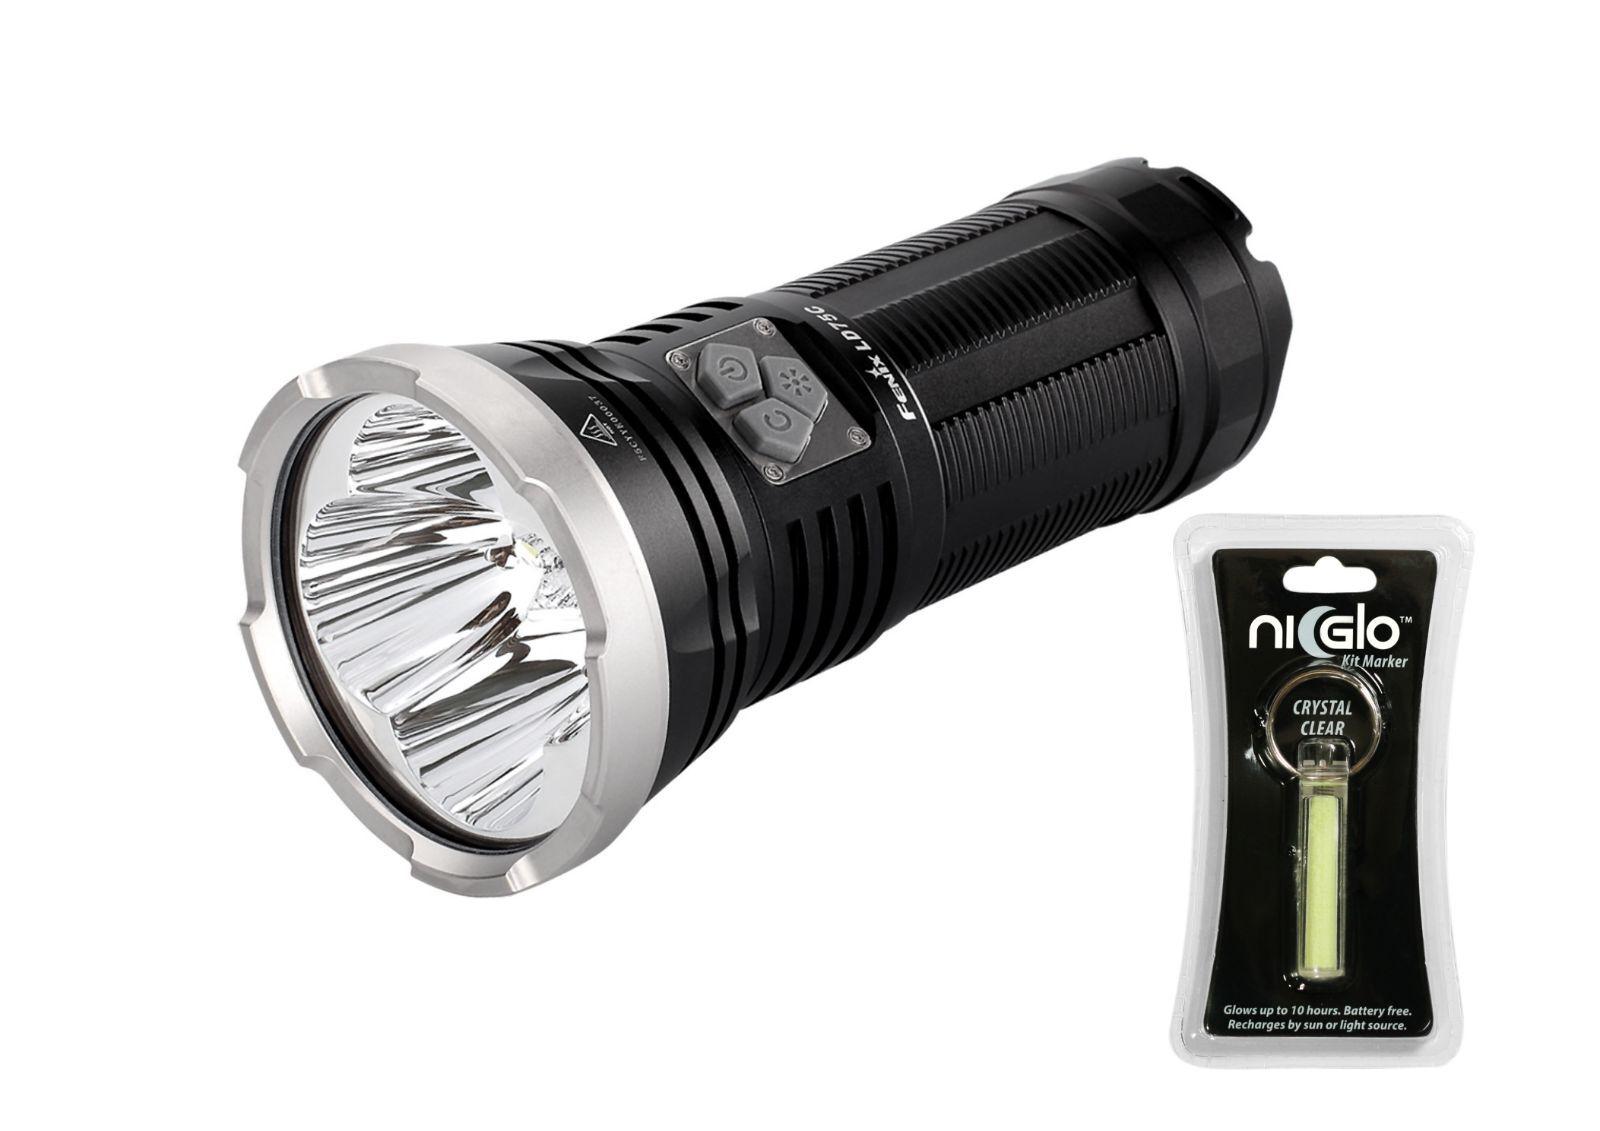 Fenix ld75c ld75c ld75c 4 Couleurs LED Lampe de poche 4200lm ANSI top utilisation lampe tactical EDC c9890c